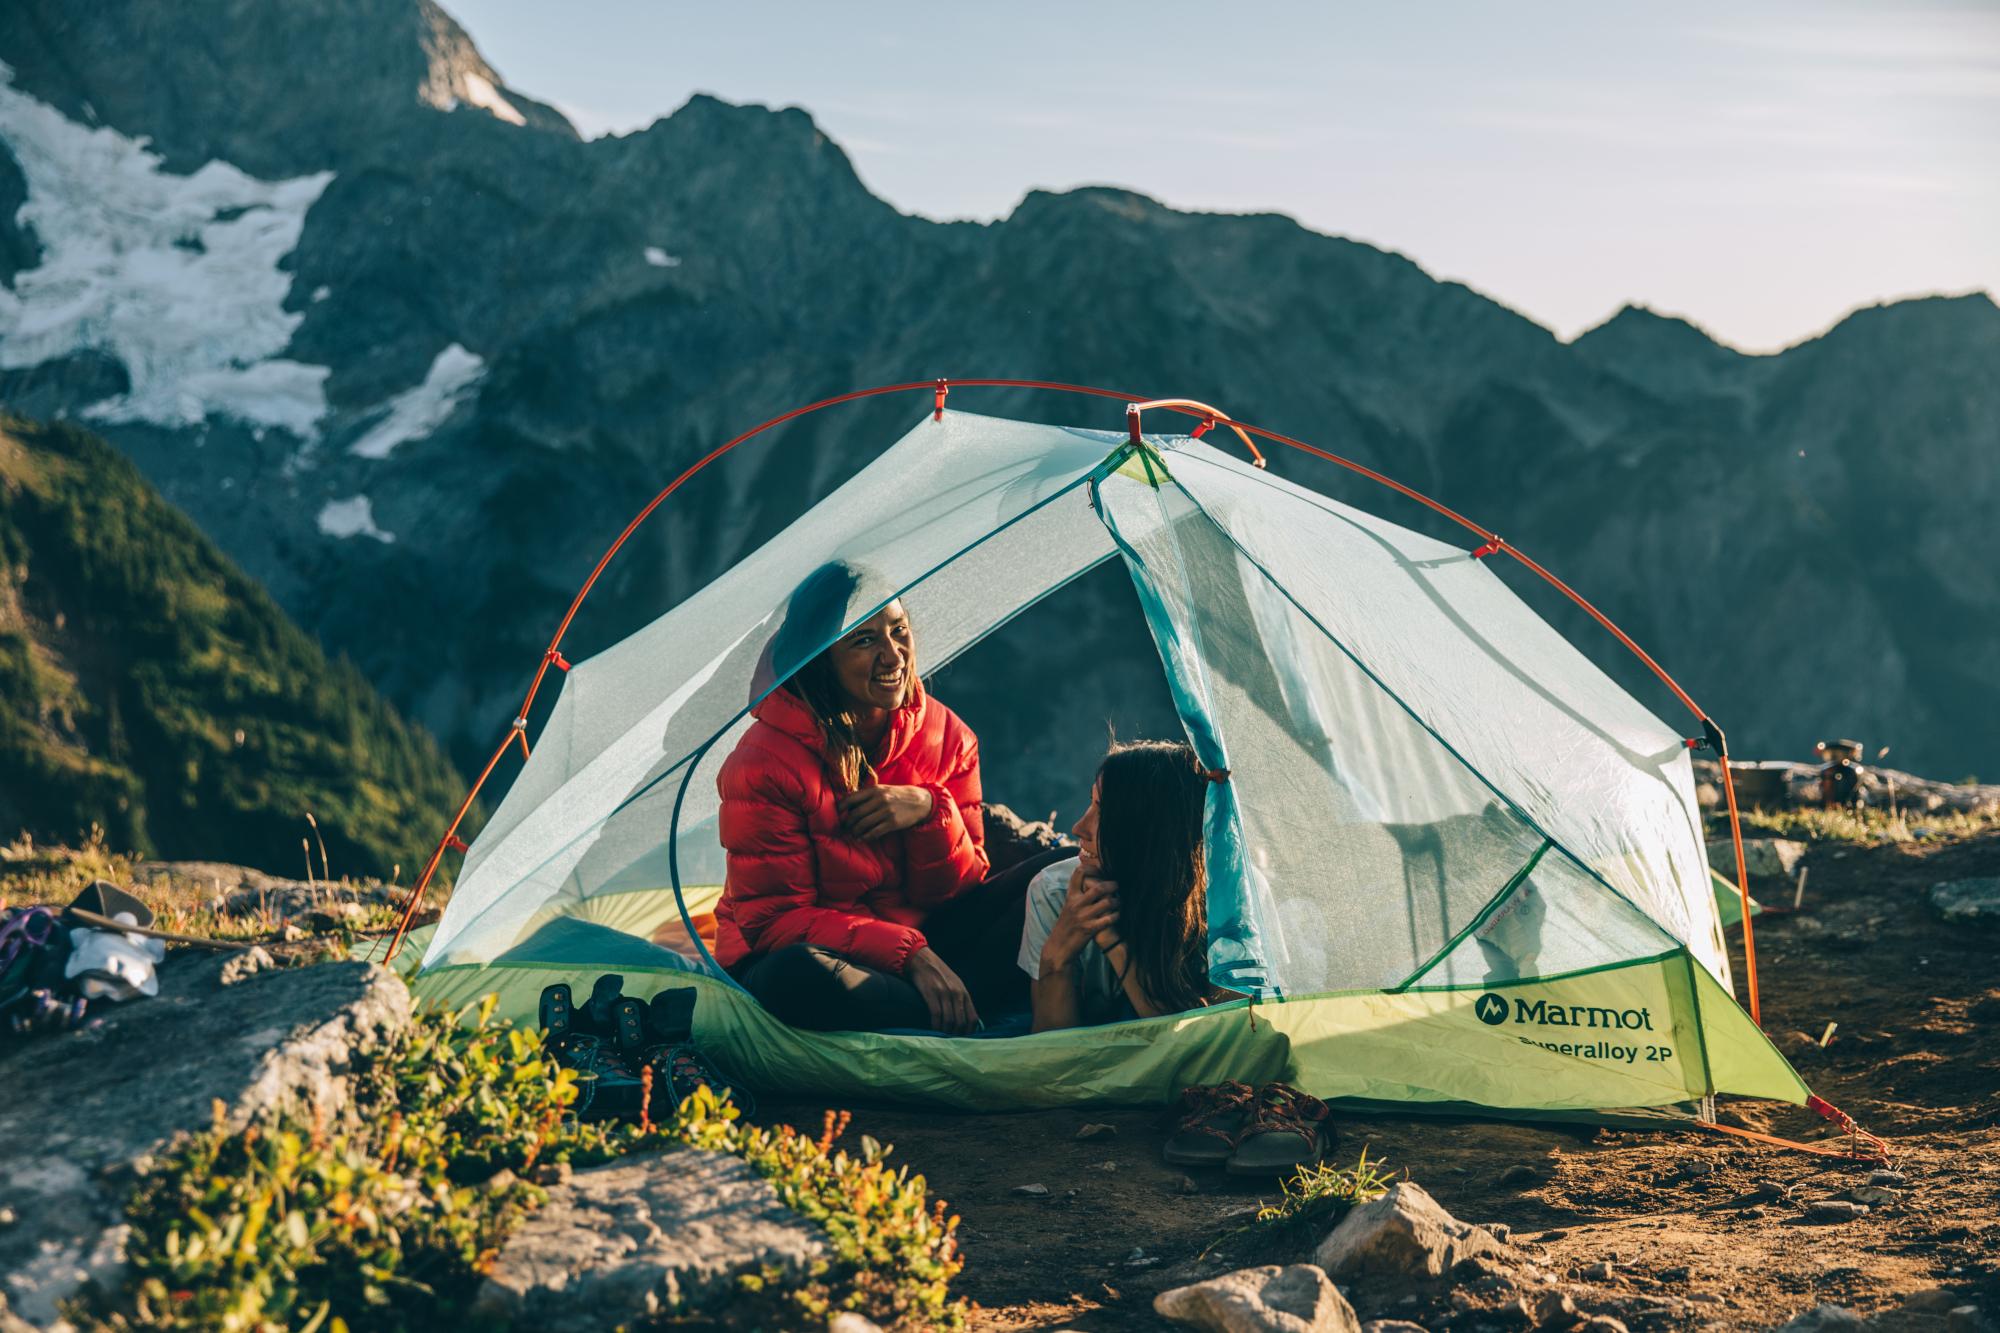 Eine junge Frau sitzt in einem Marmot Zelt und schaut lachend in die Kamera. Daneben liegt eine weitere junge Frau, ebenfalls lachend. Ihr Gesciht ist von der Kamera abgewandt. Im Hintergrund ist eine Bergkette.